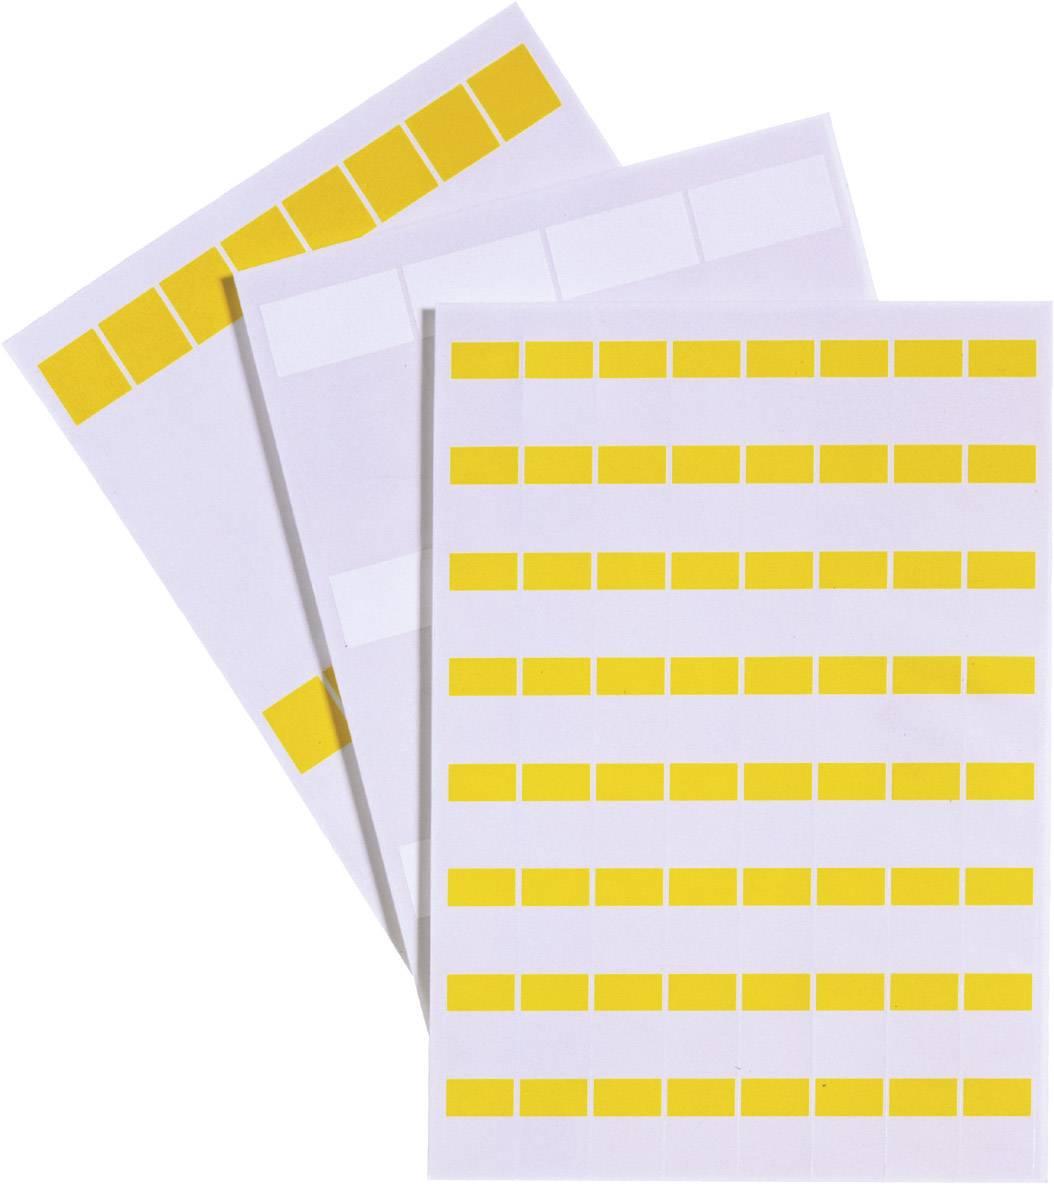 Etikety LappKabel LCK-65 YE (83256152), žlutá